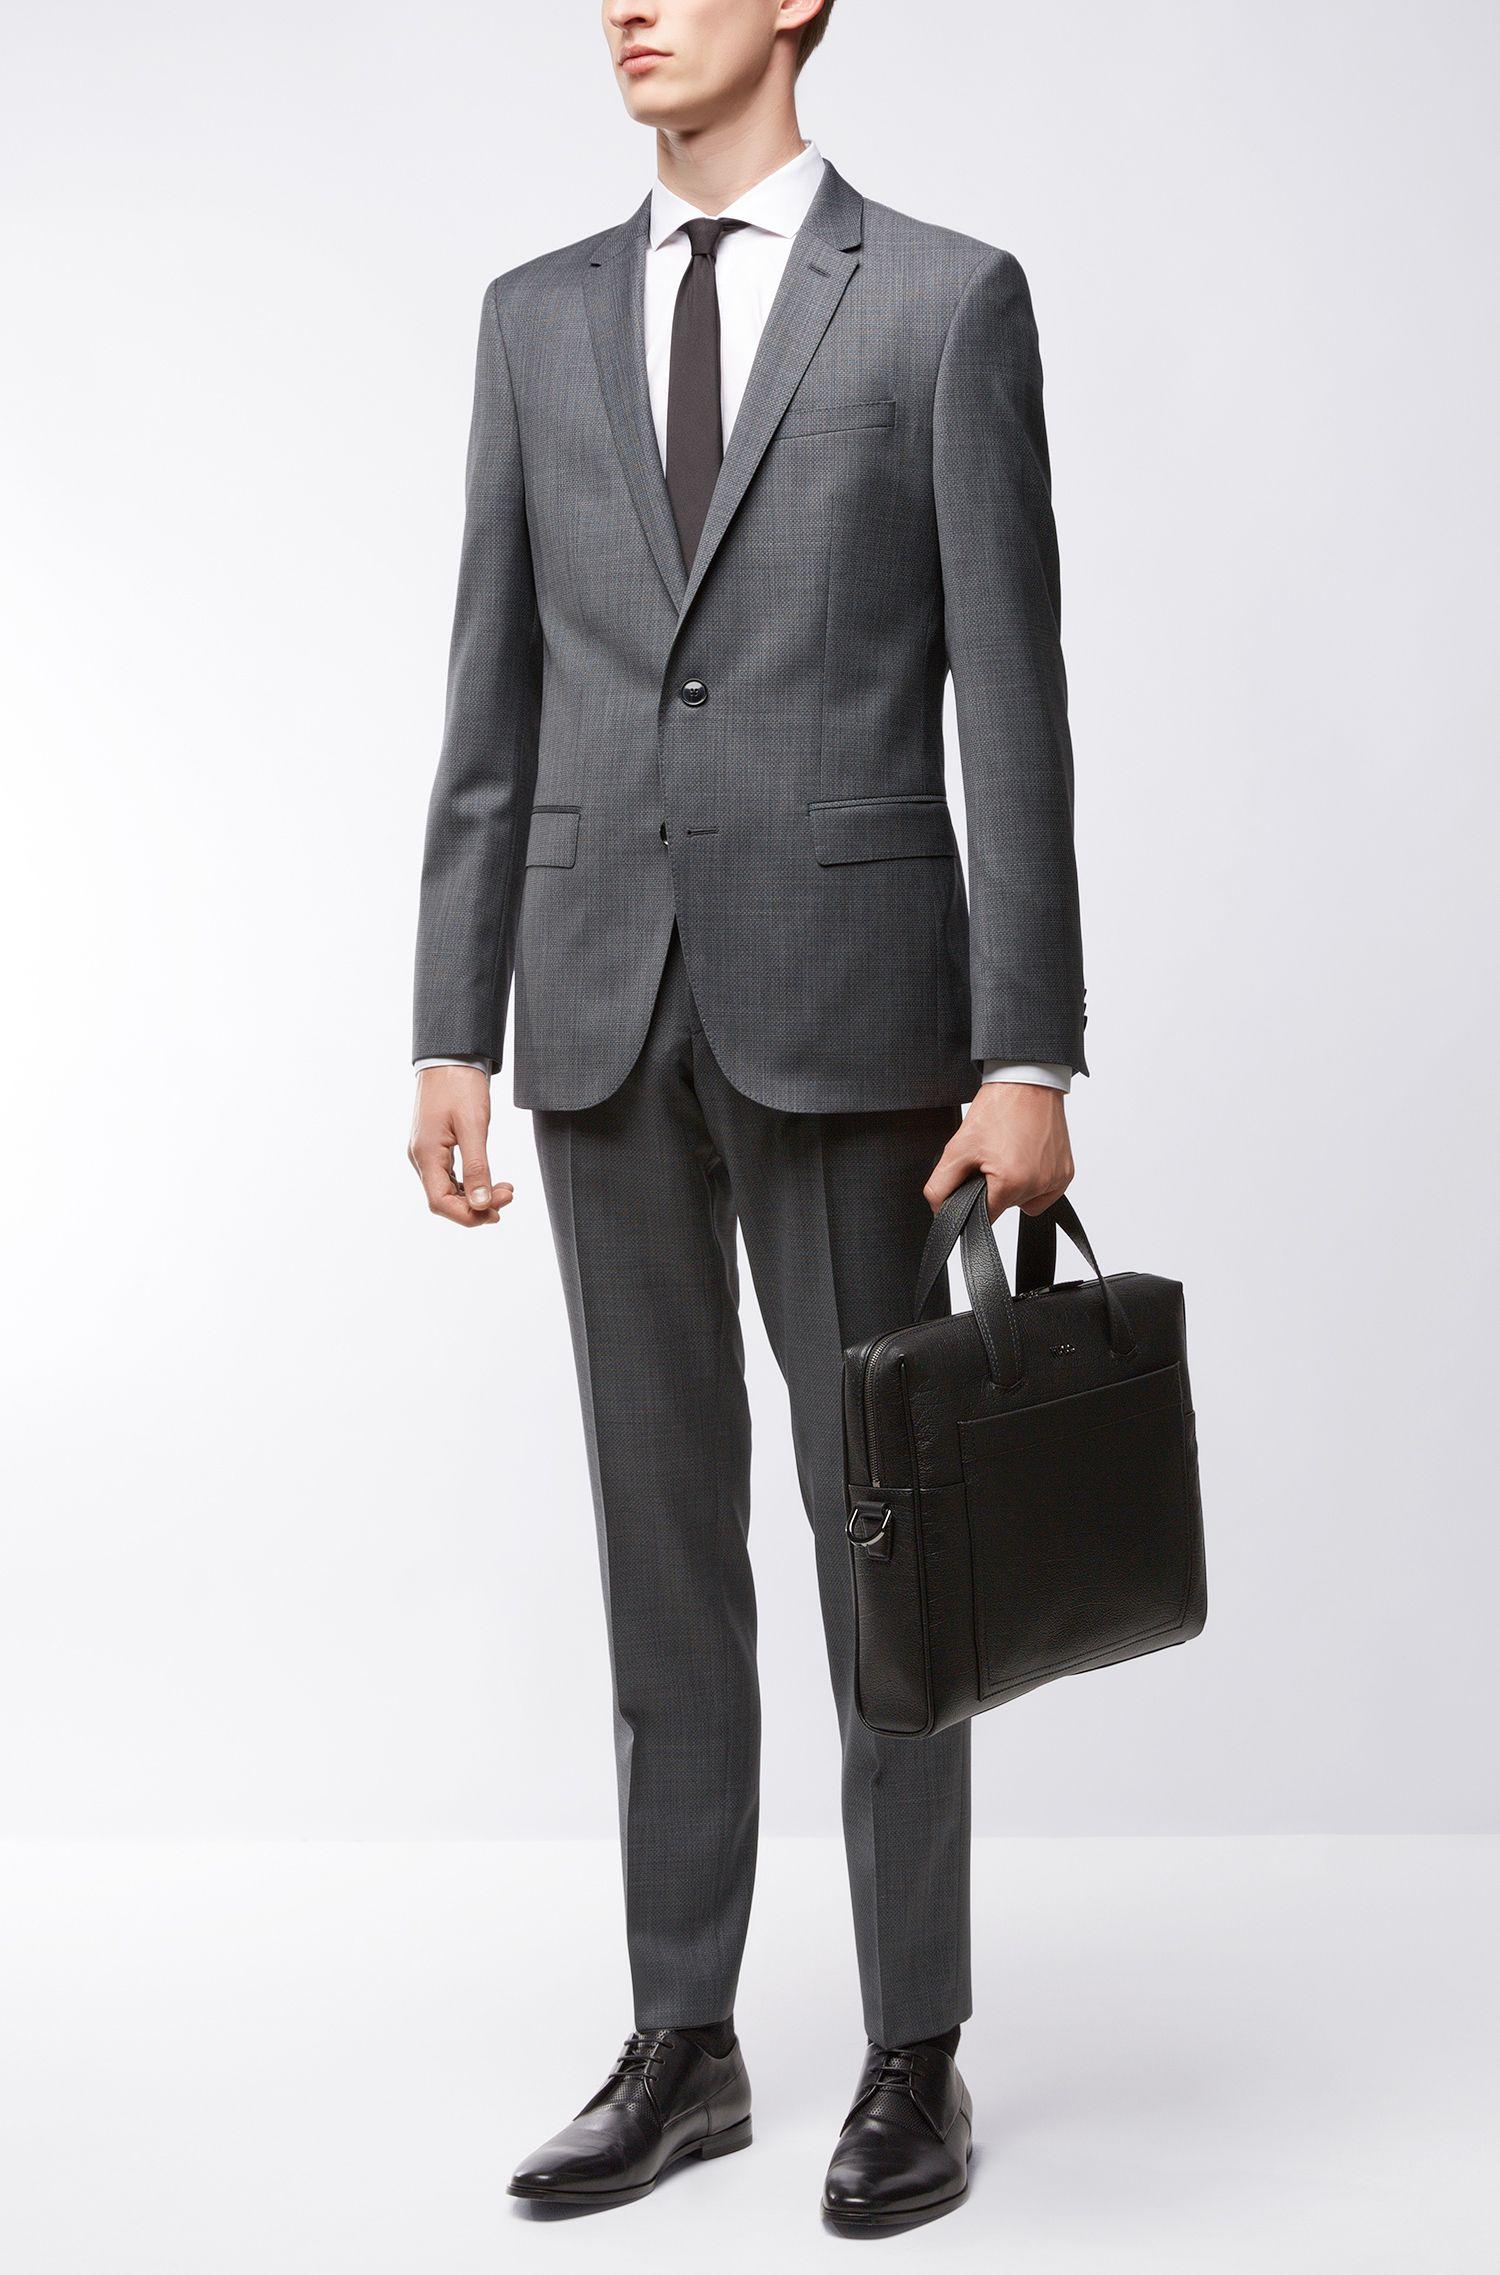 Virgin Wool Blend Suit, Slim Fit | C-Harvey/C-Getlin